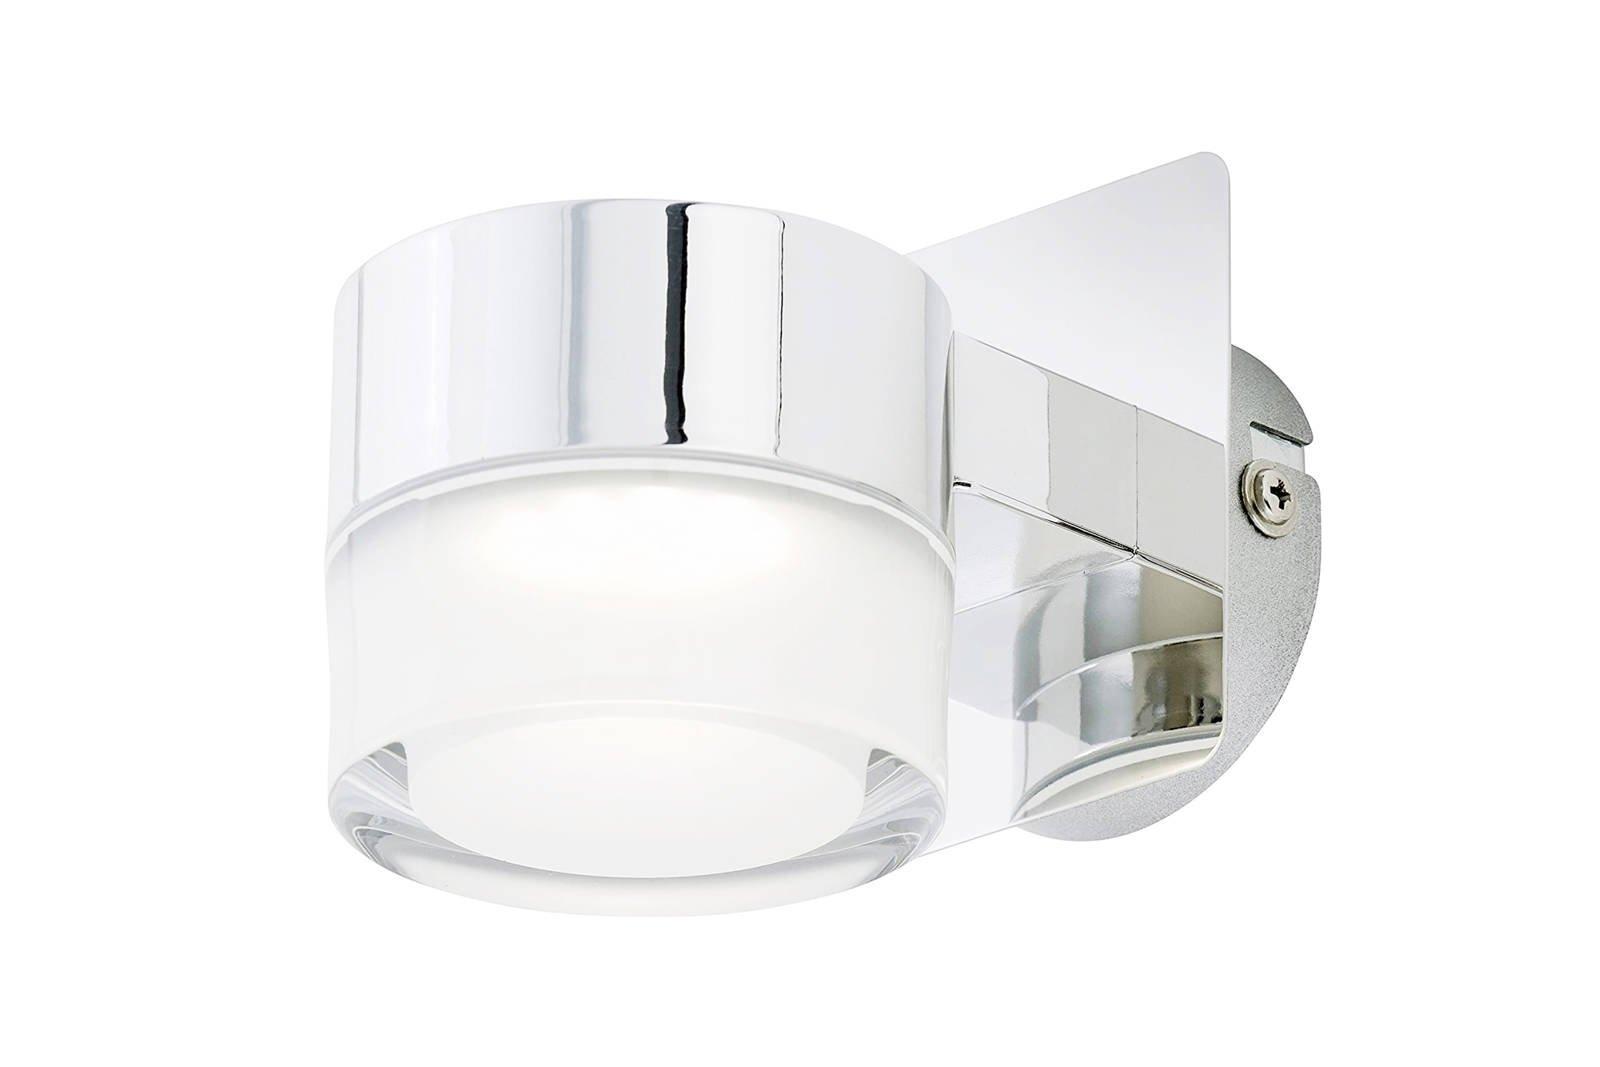 Briloner Leuchten LED Bathroom Wall Light Include LED 400 Lumen Chrome IP44